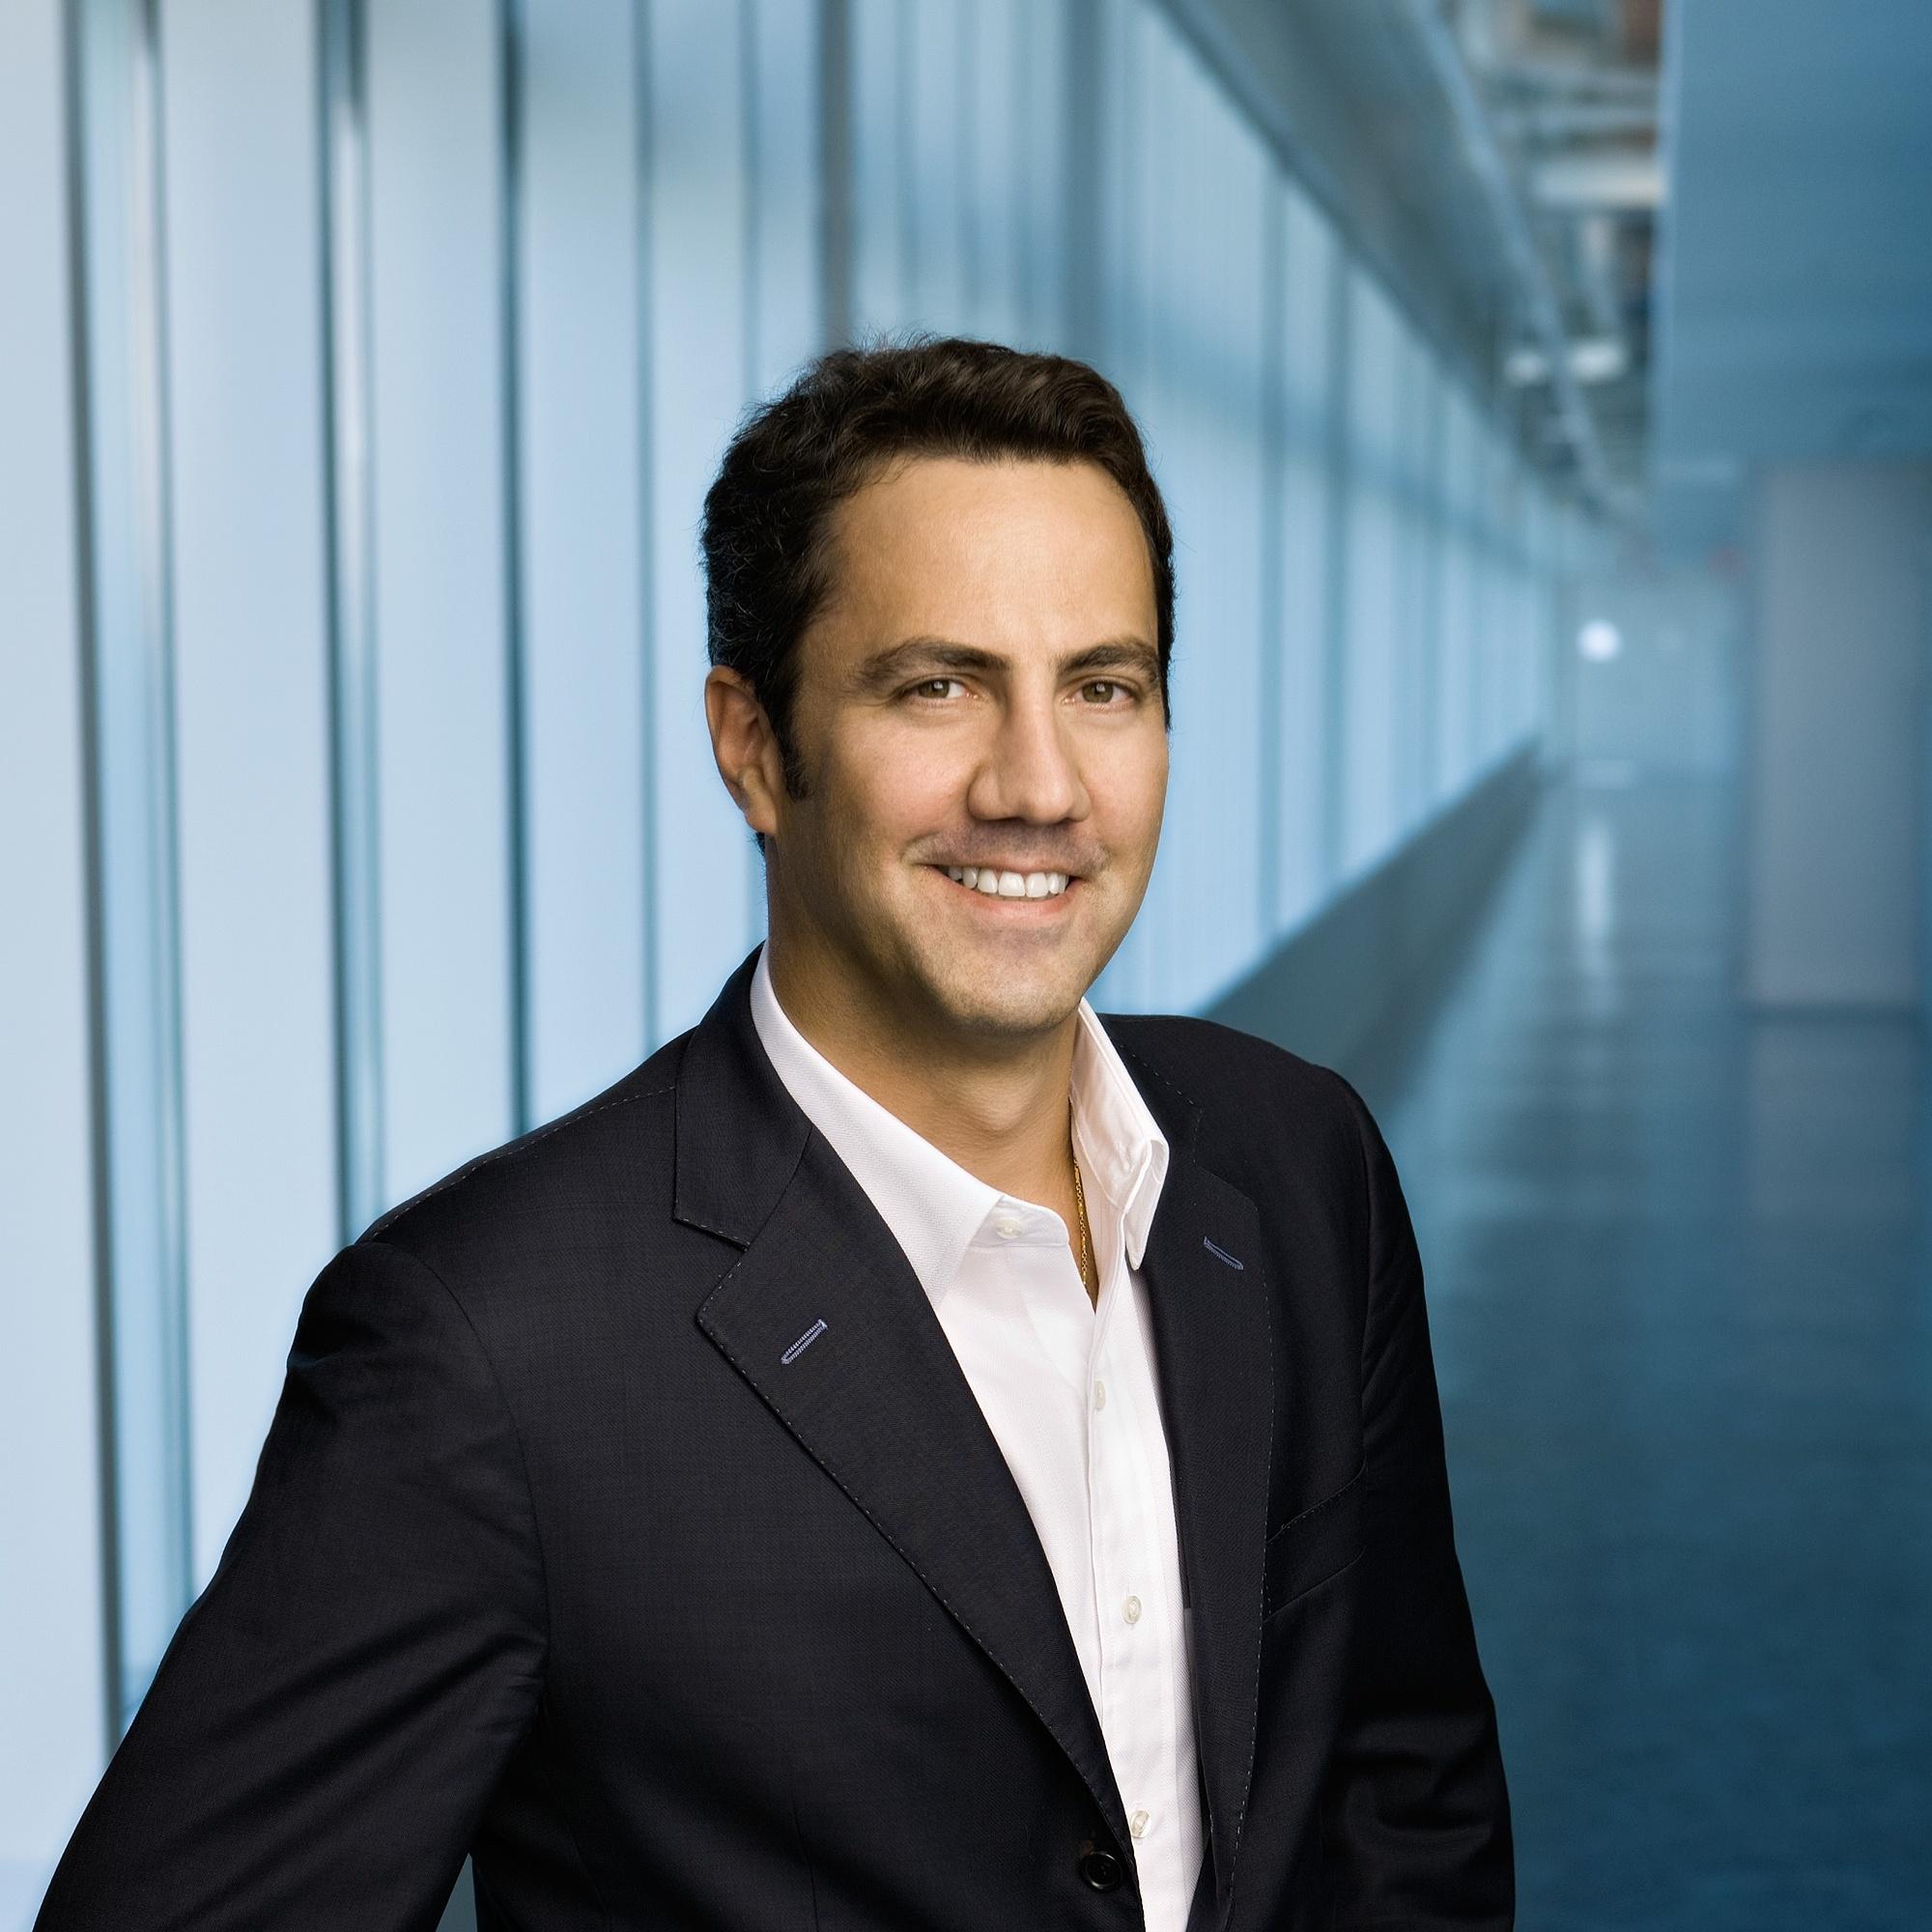 Nicolas Bonard